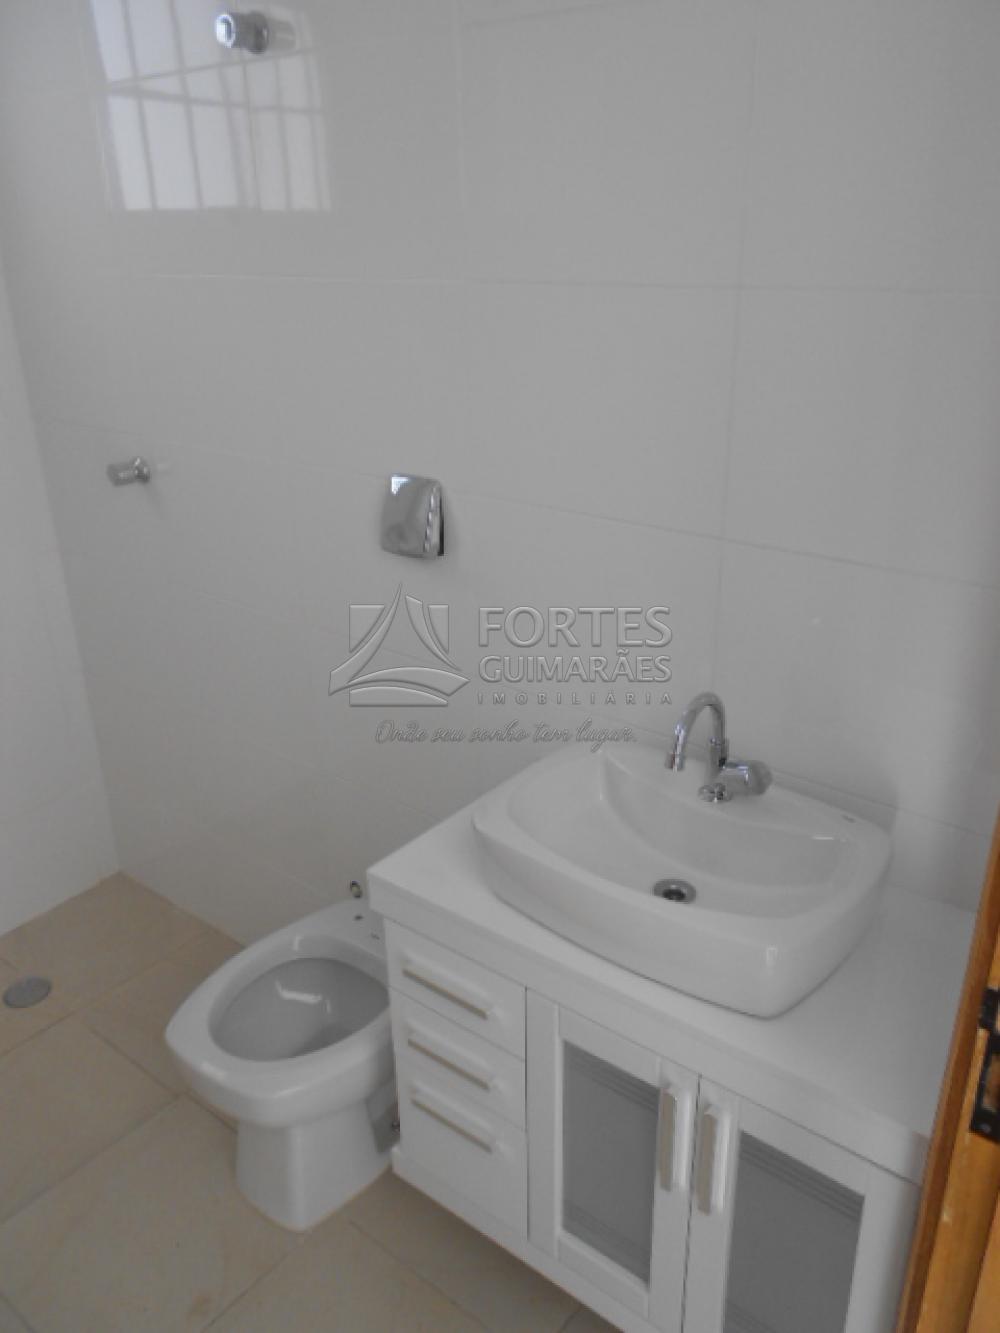 Alugar Casas / Padrão em Bonfim Paulista apenas R$ 1.300,00 - Foto 20